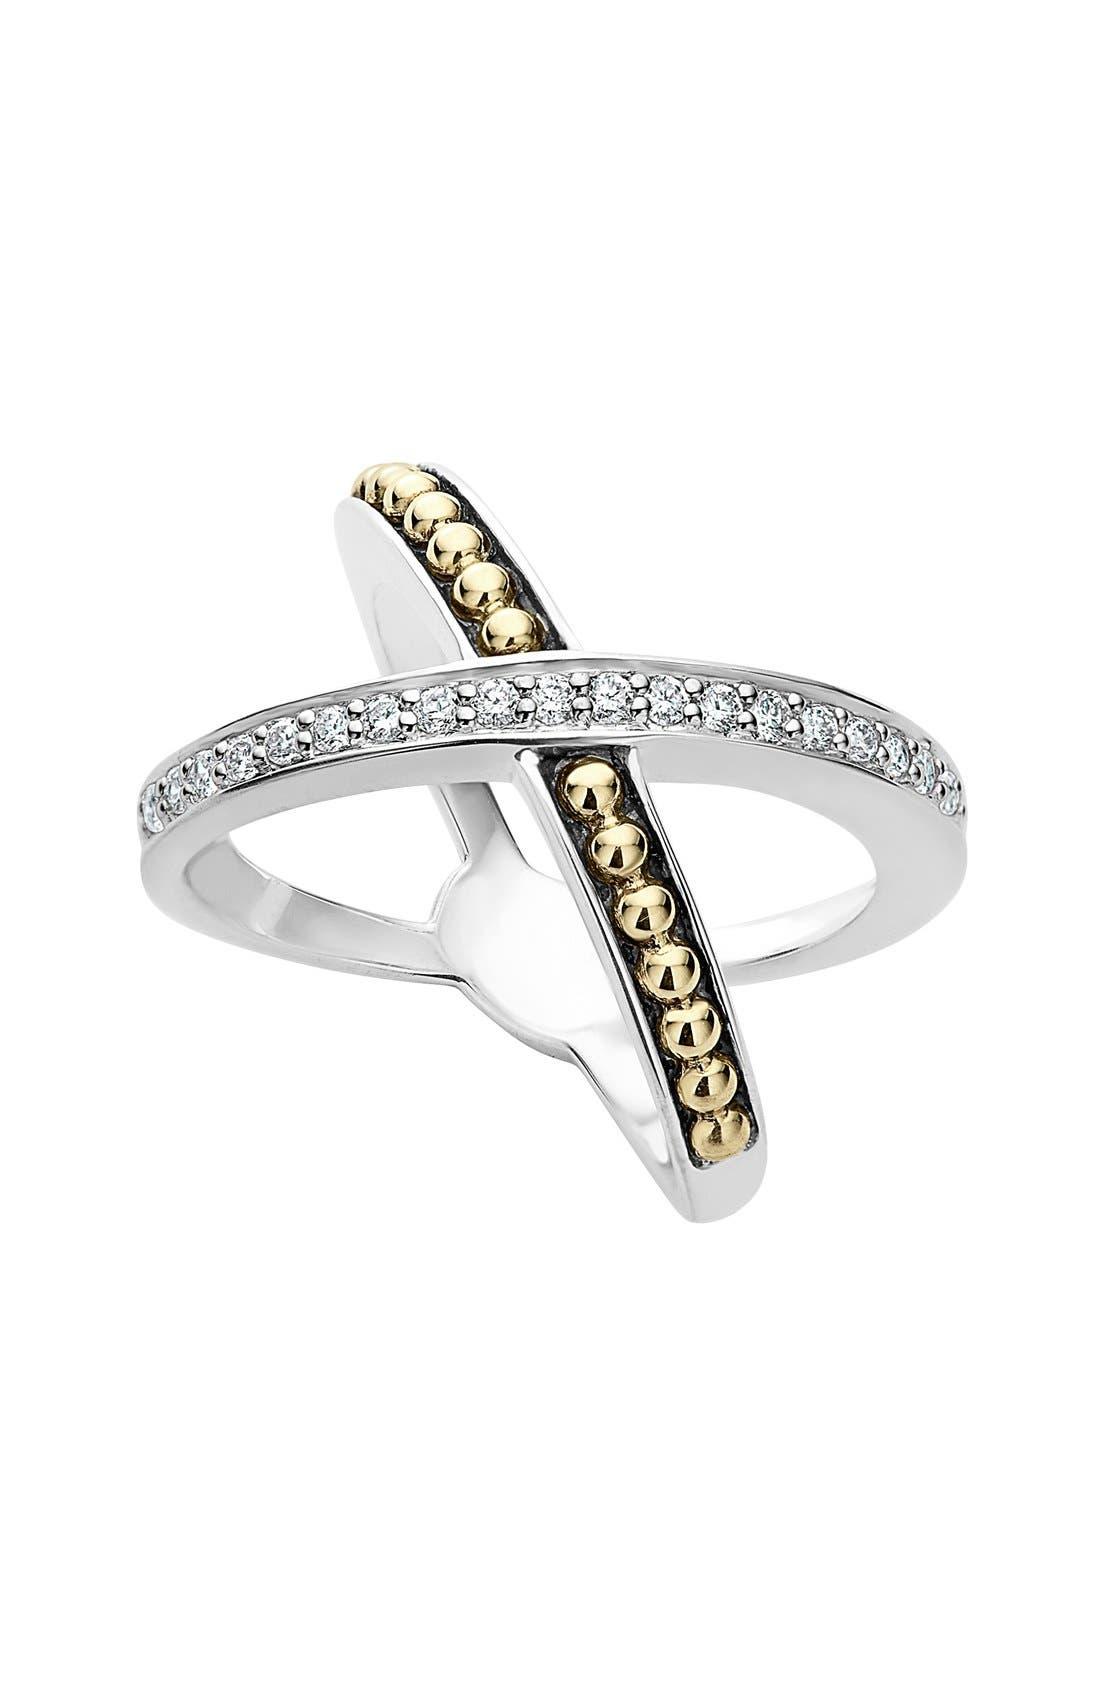 Main Image - Lagos KSL Diamond Pavé Crossover Ring